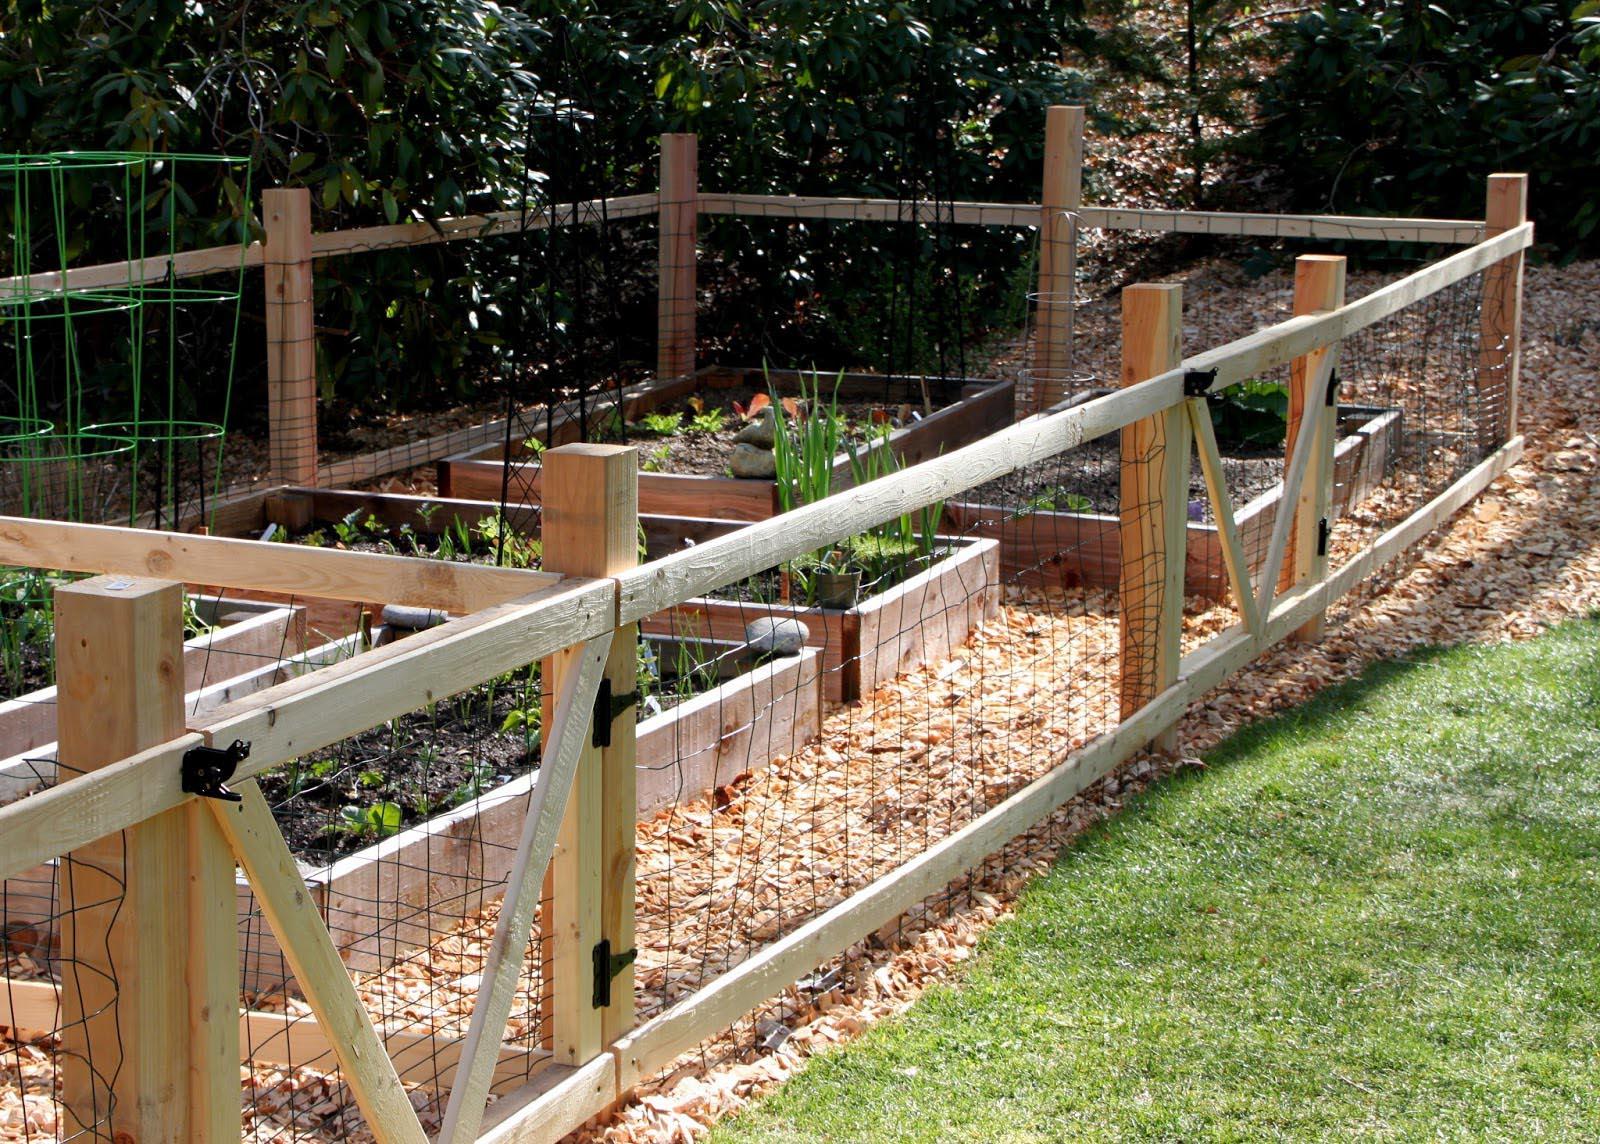 building a vegetable garden fence photo - 3